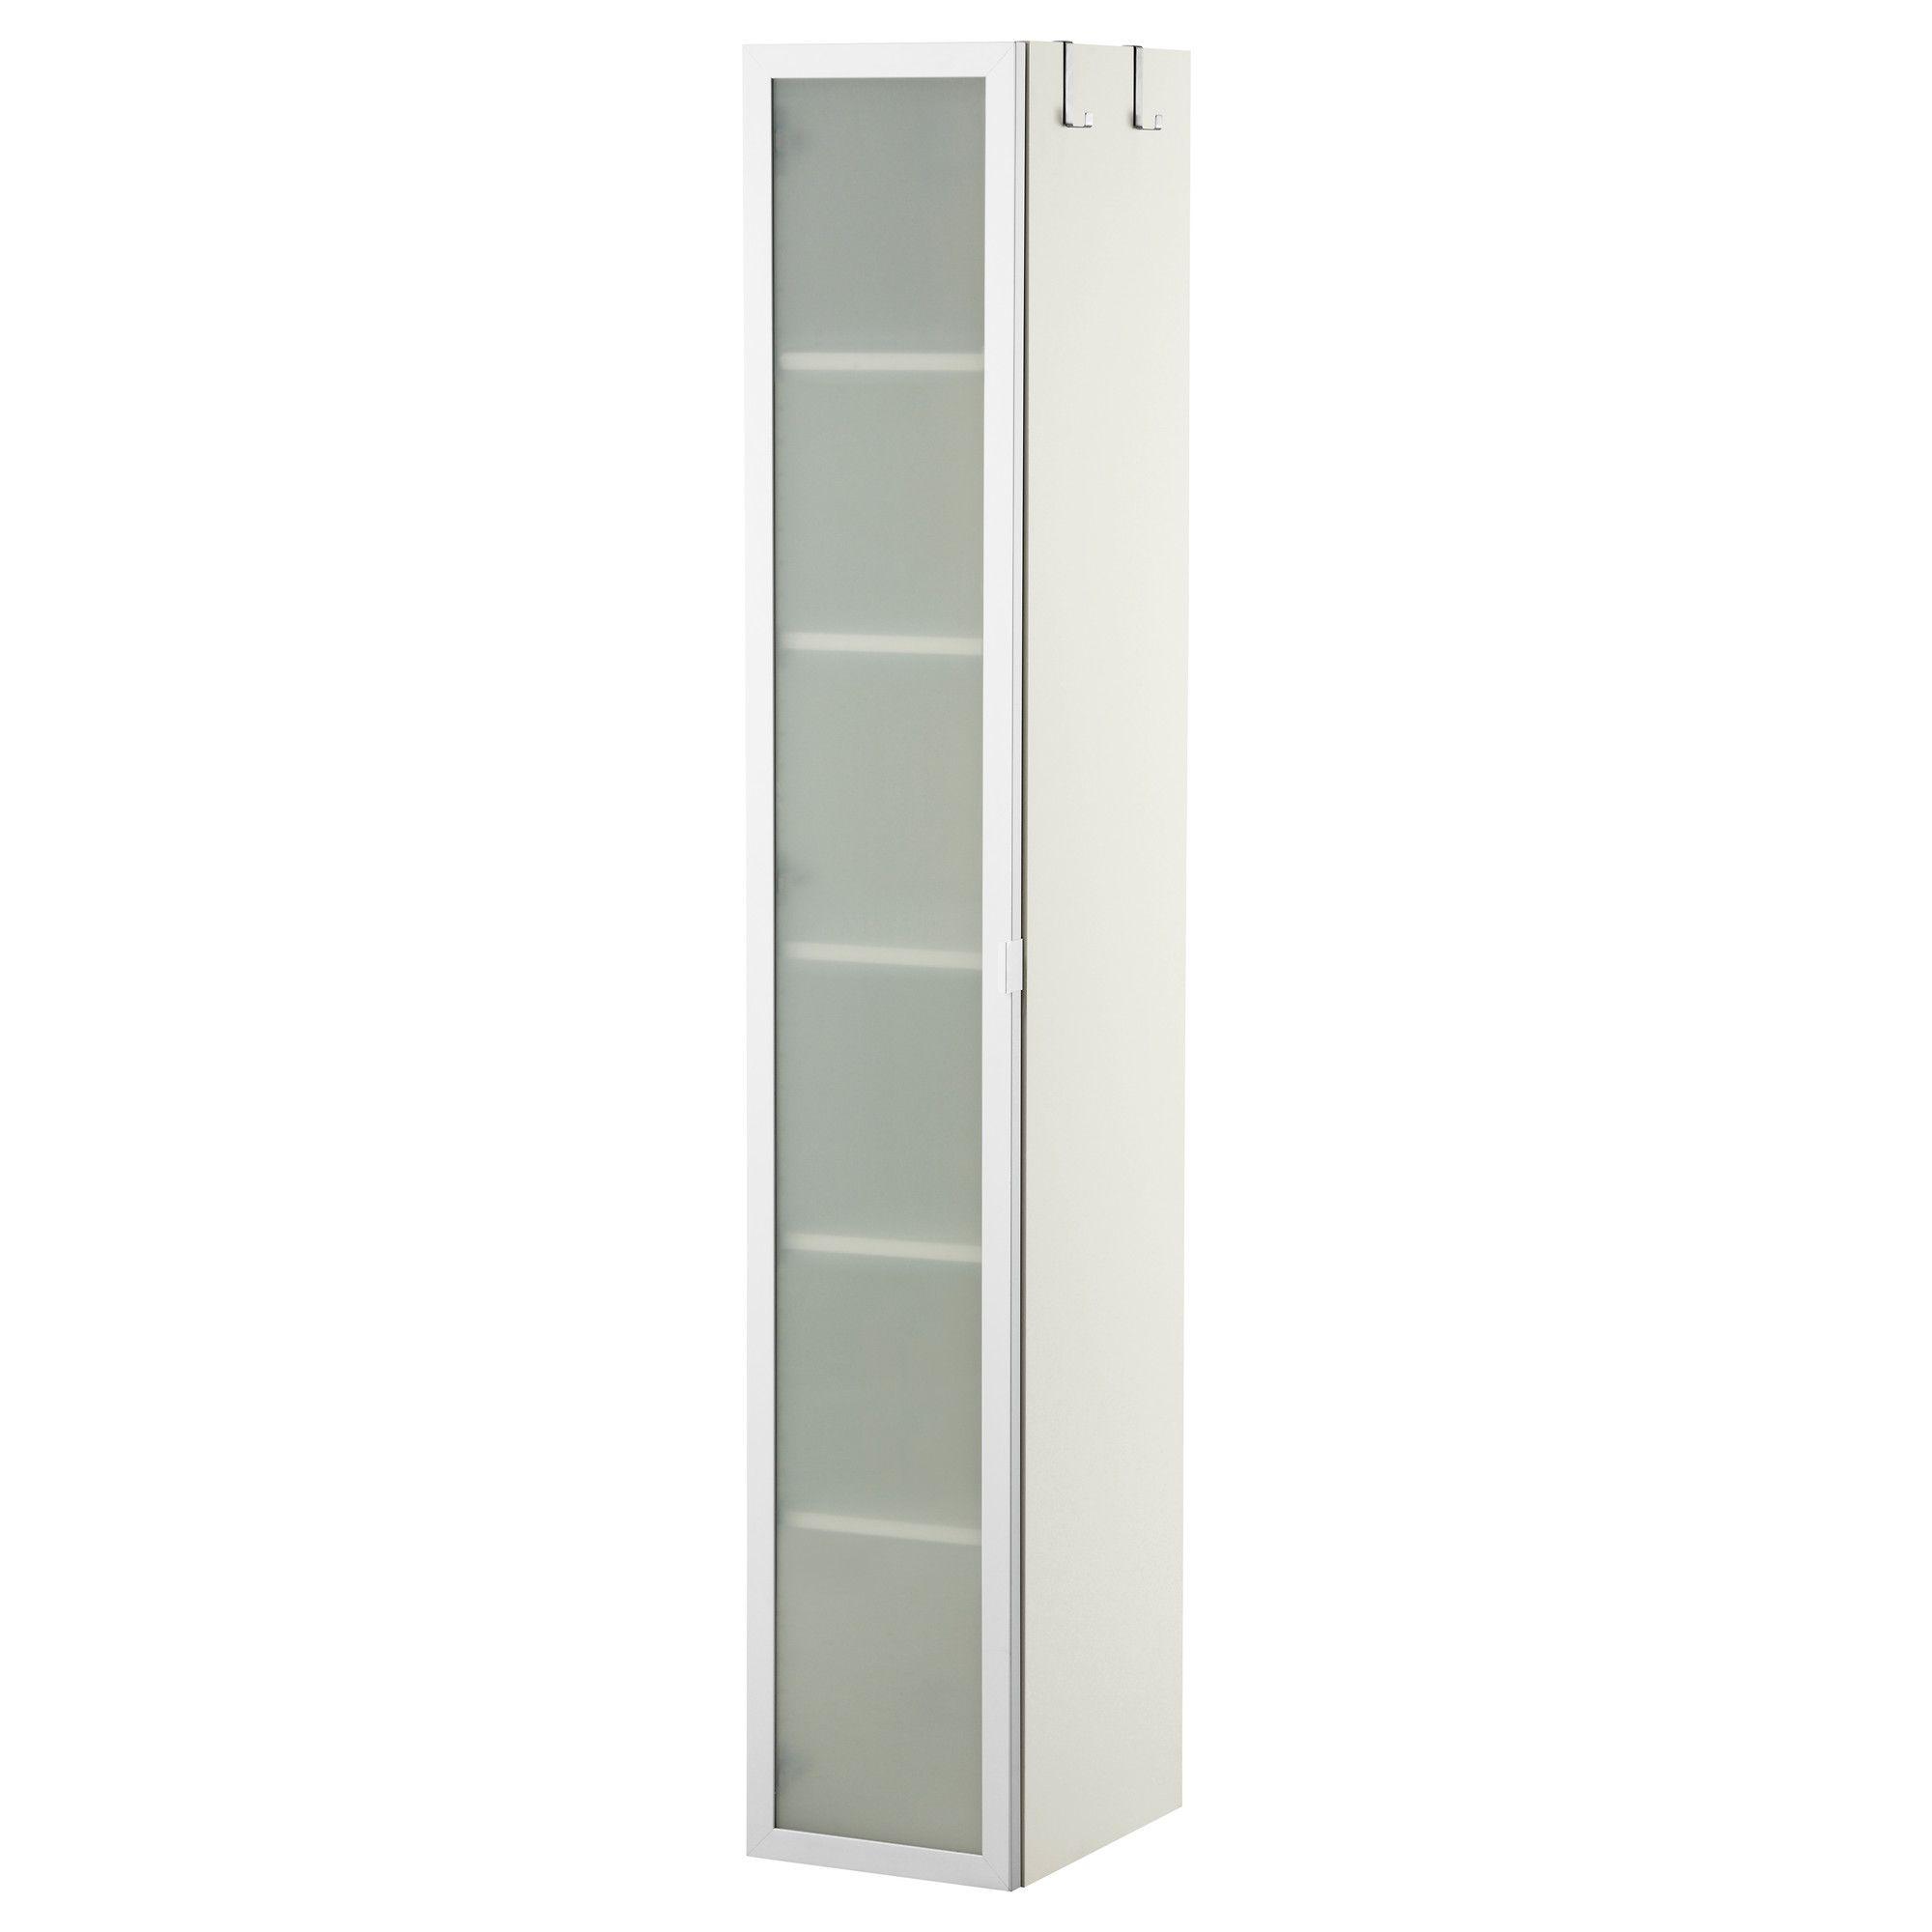 LILLÅNGEN Hoge kast wit, aluminium 30x38x179 cm